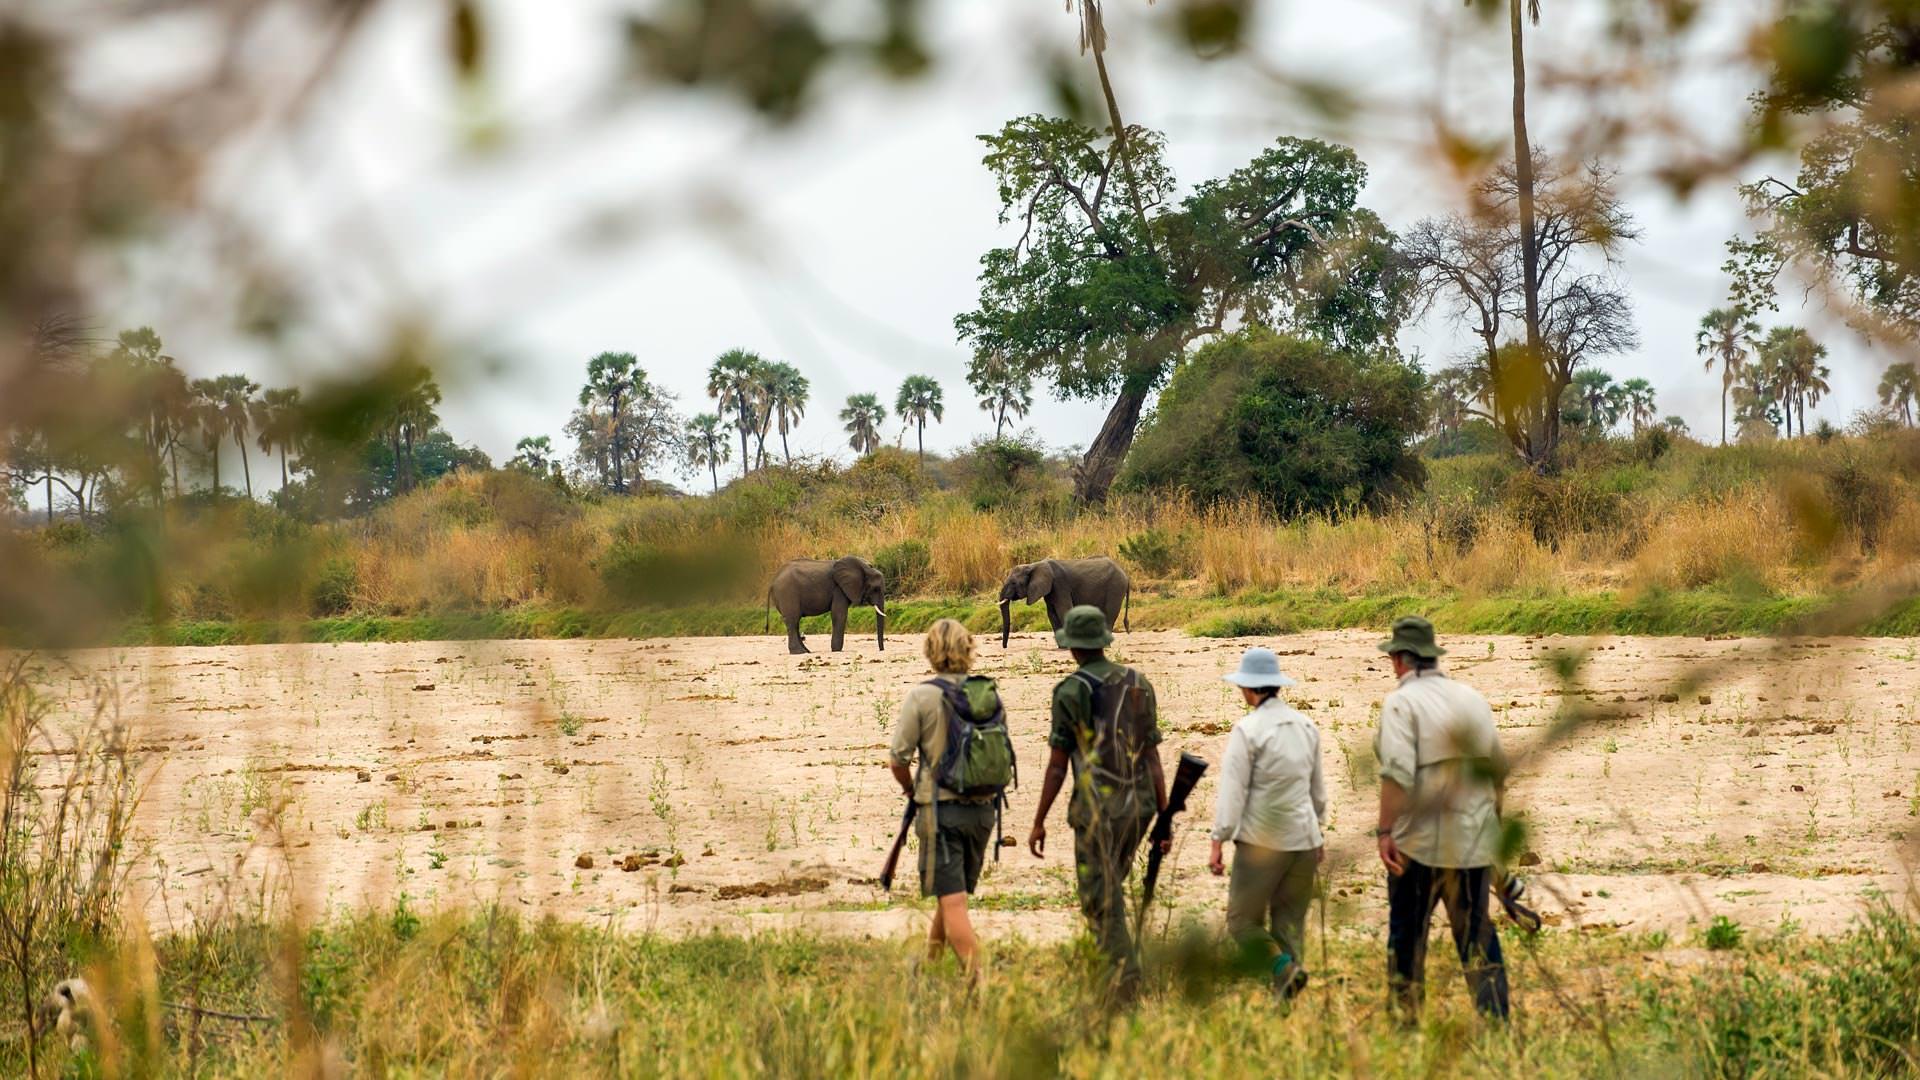 Approaching elephants on foot